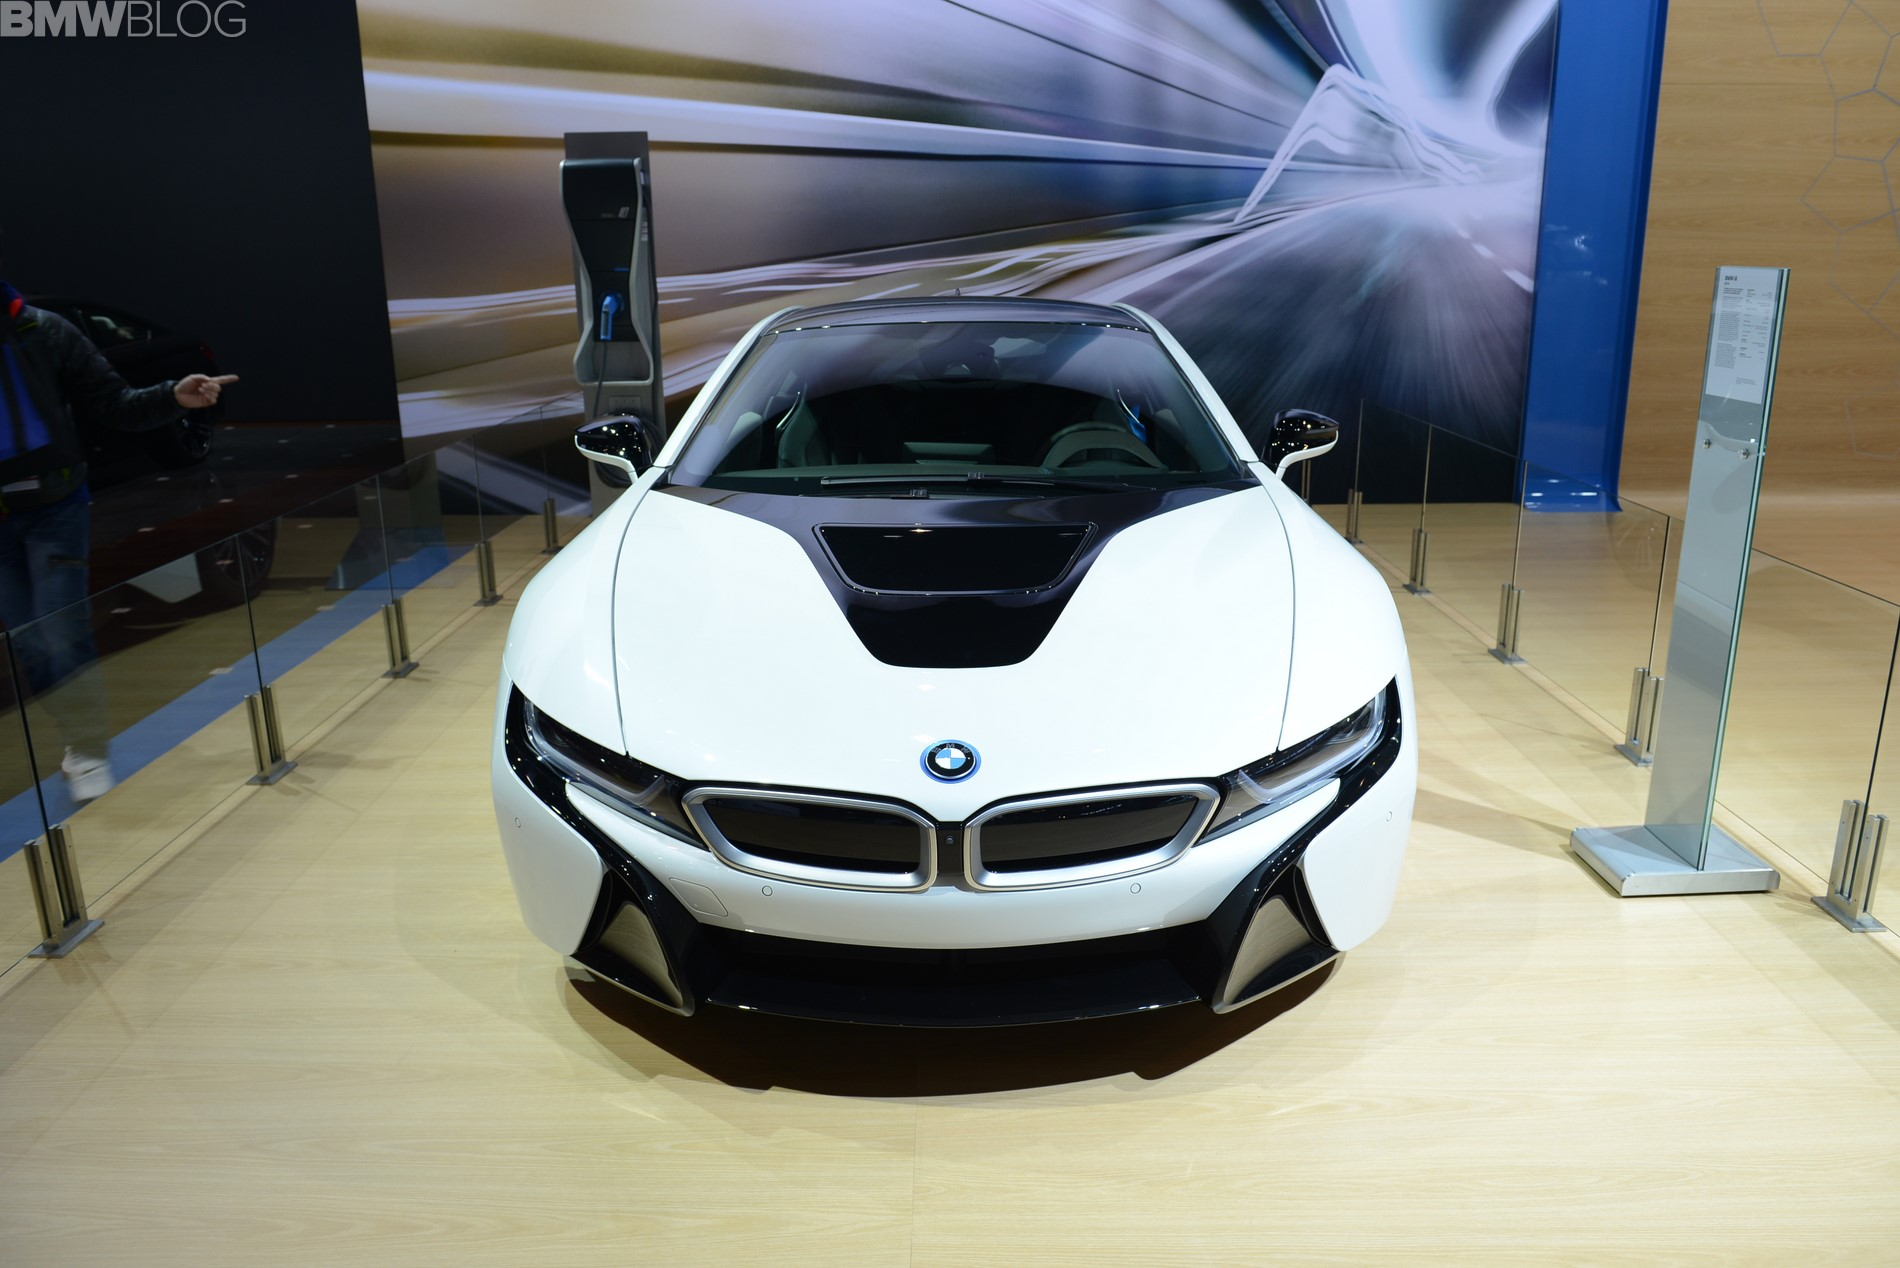 2015 bmw i8 chicago auto show 25